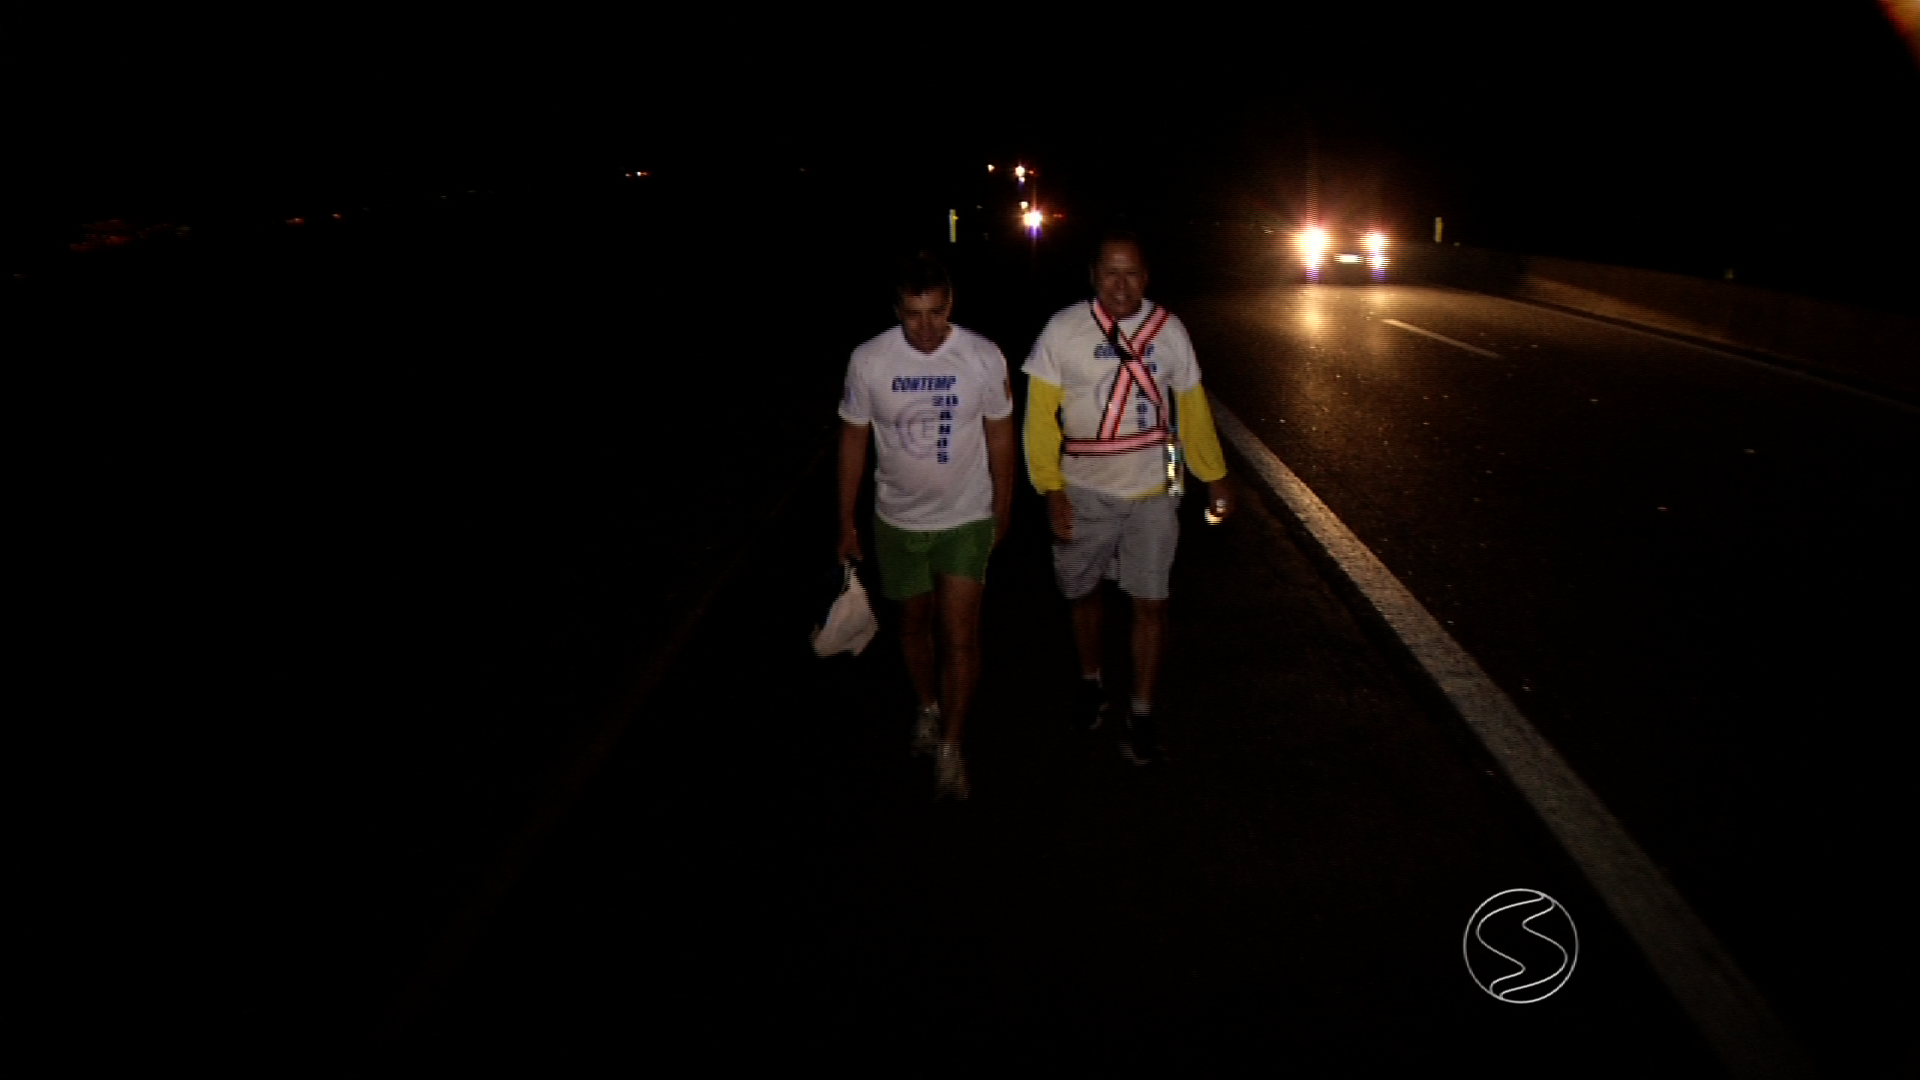 Romeiros caminham durante a noite pela Via Dutra, no Sul do Rio de Janeiro